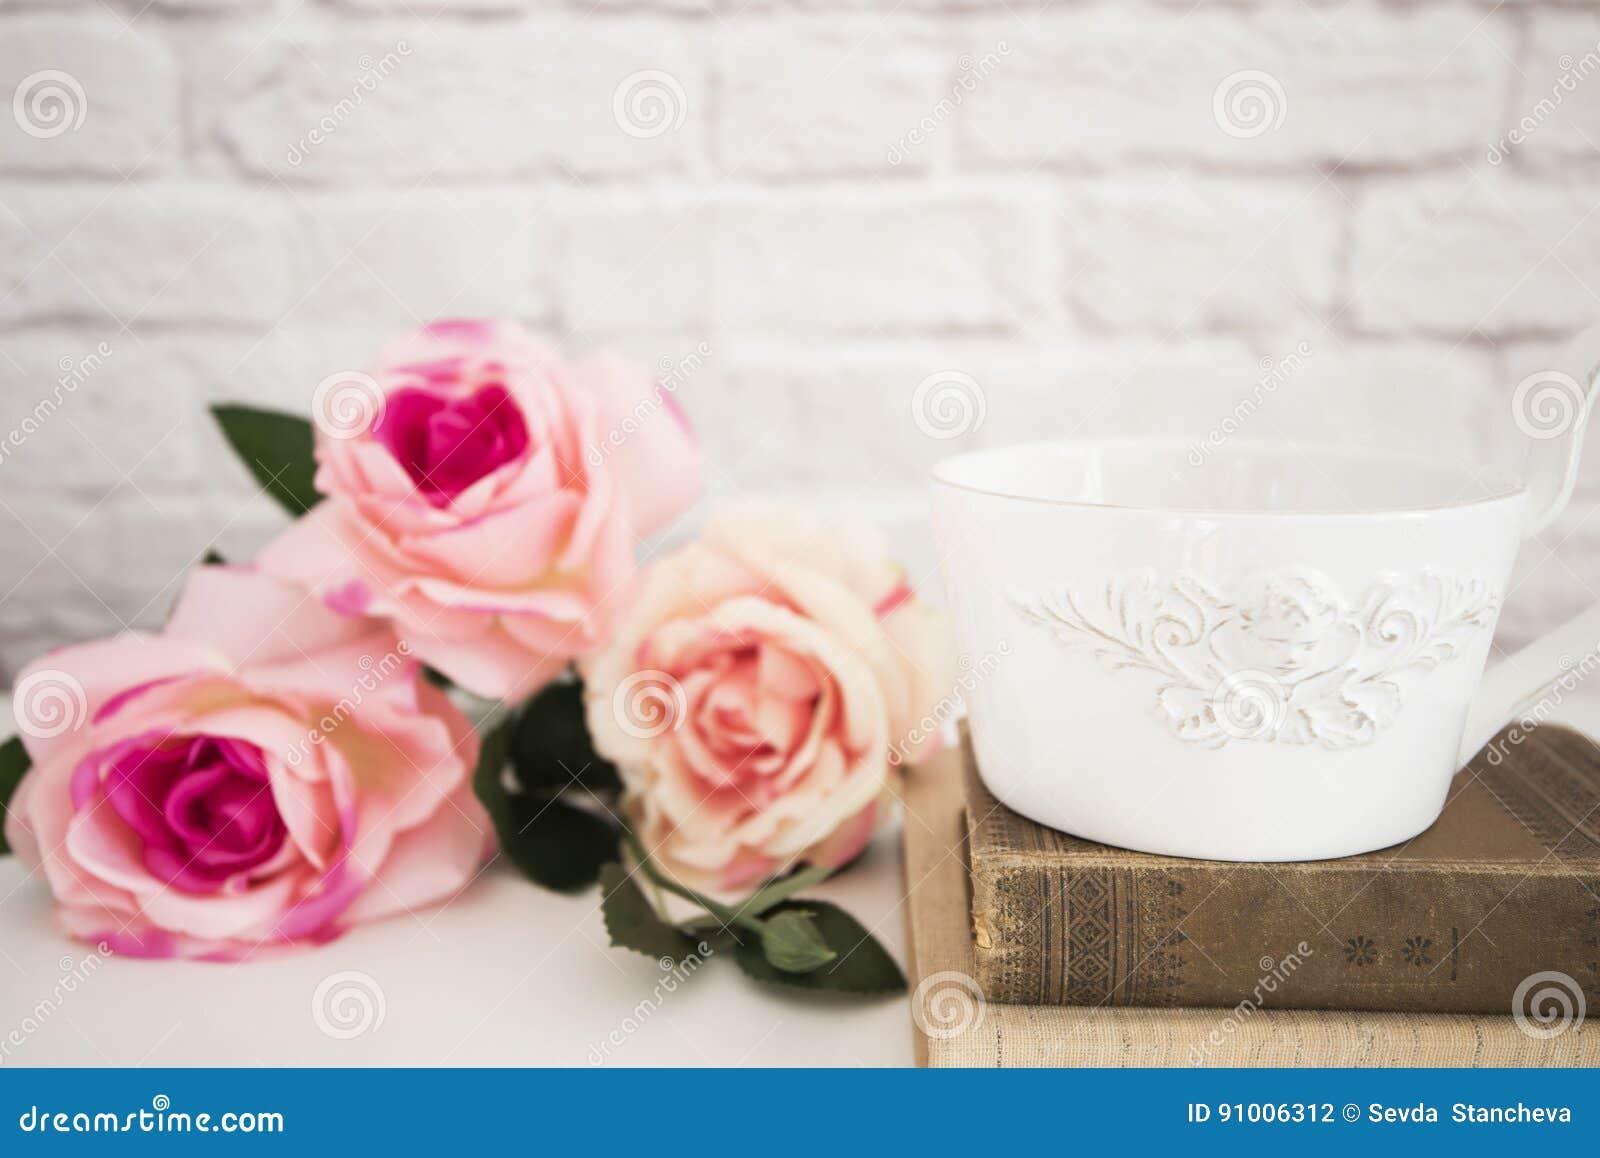 Ramalhete das rosas em uma mesa branca, A grande xícara de café sobre livros velhos, fundo floral romântico do quadro, zombaria d